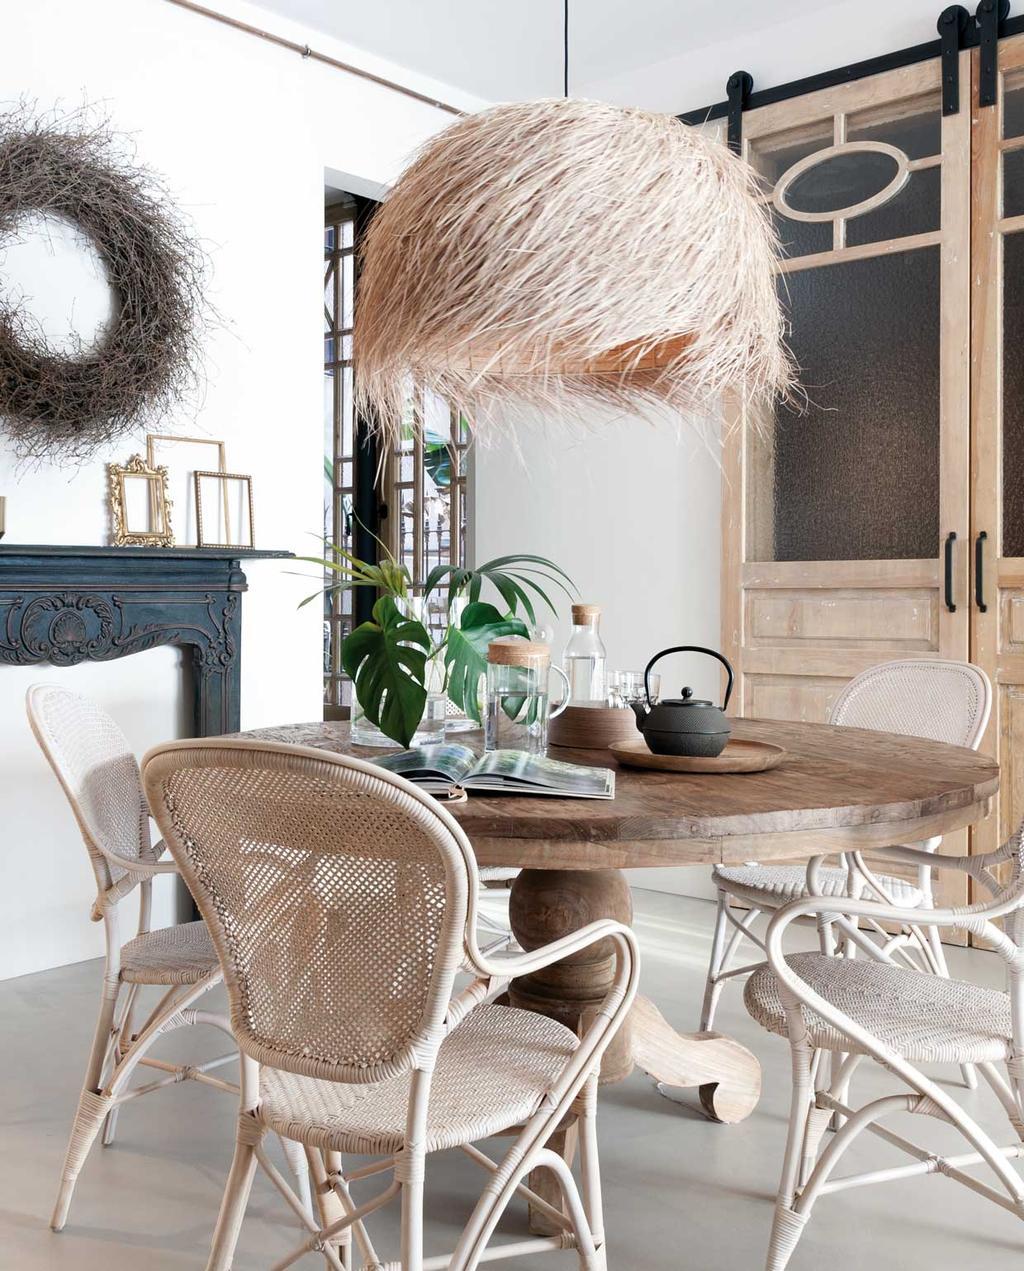 vtwonen 09 | Binnenkijker | eettafel met rieten hanglamp en rotan stoelen